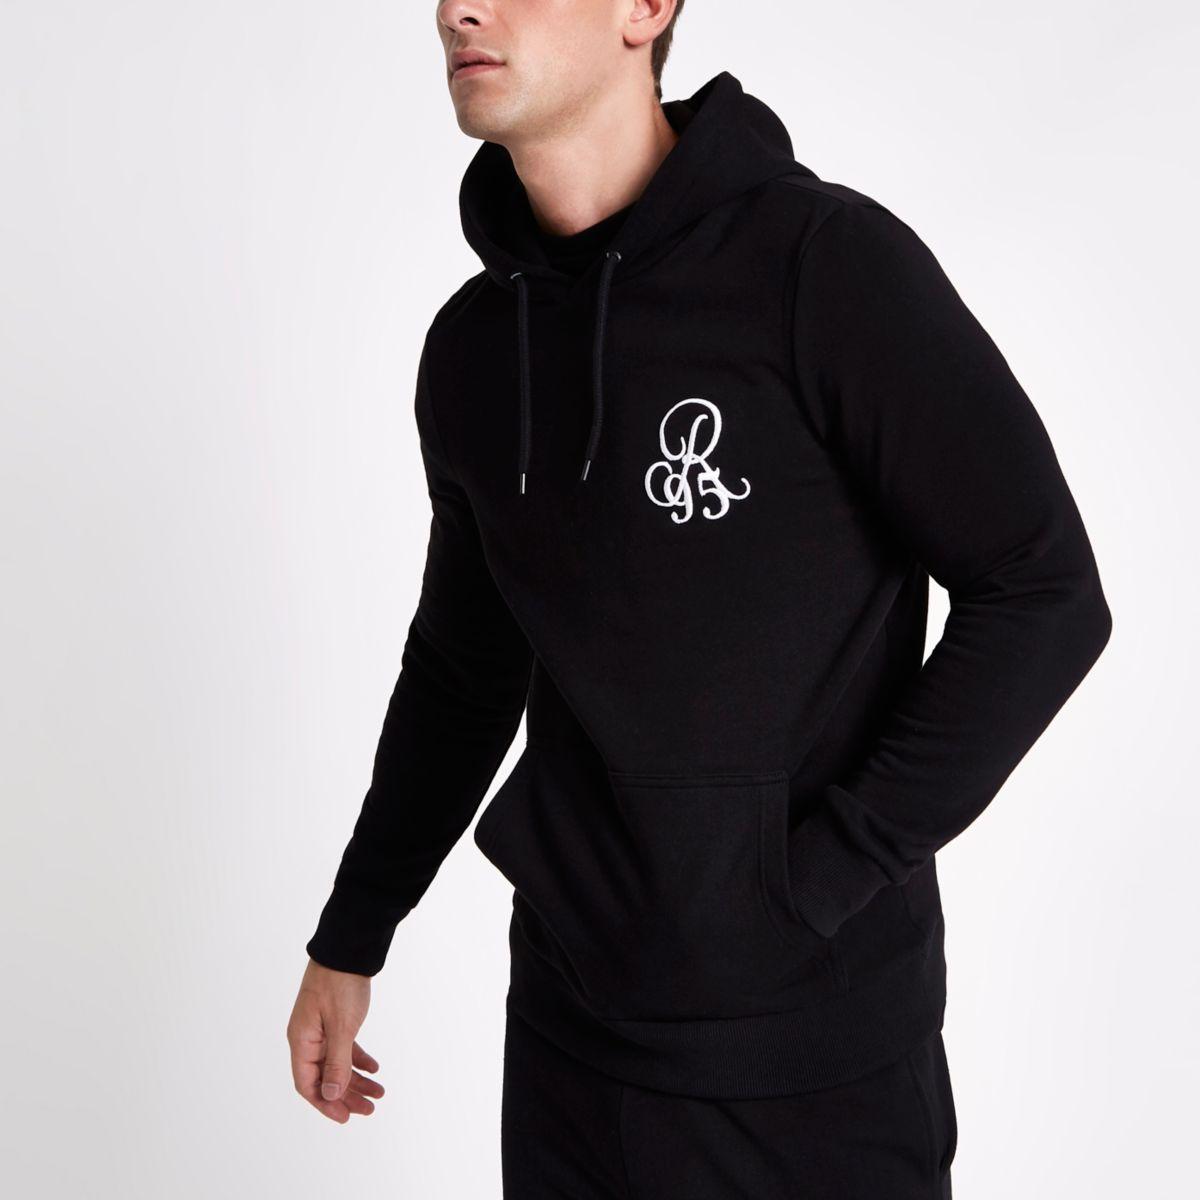 Black muscle fit R95 hoodie